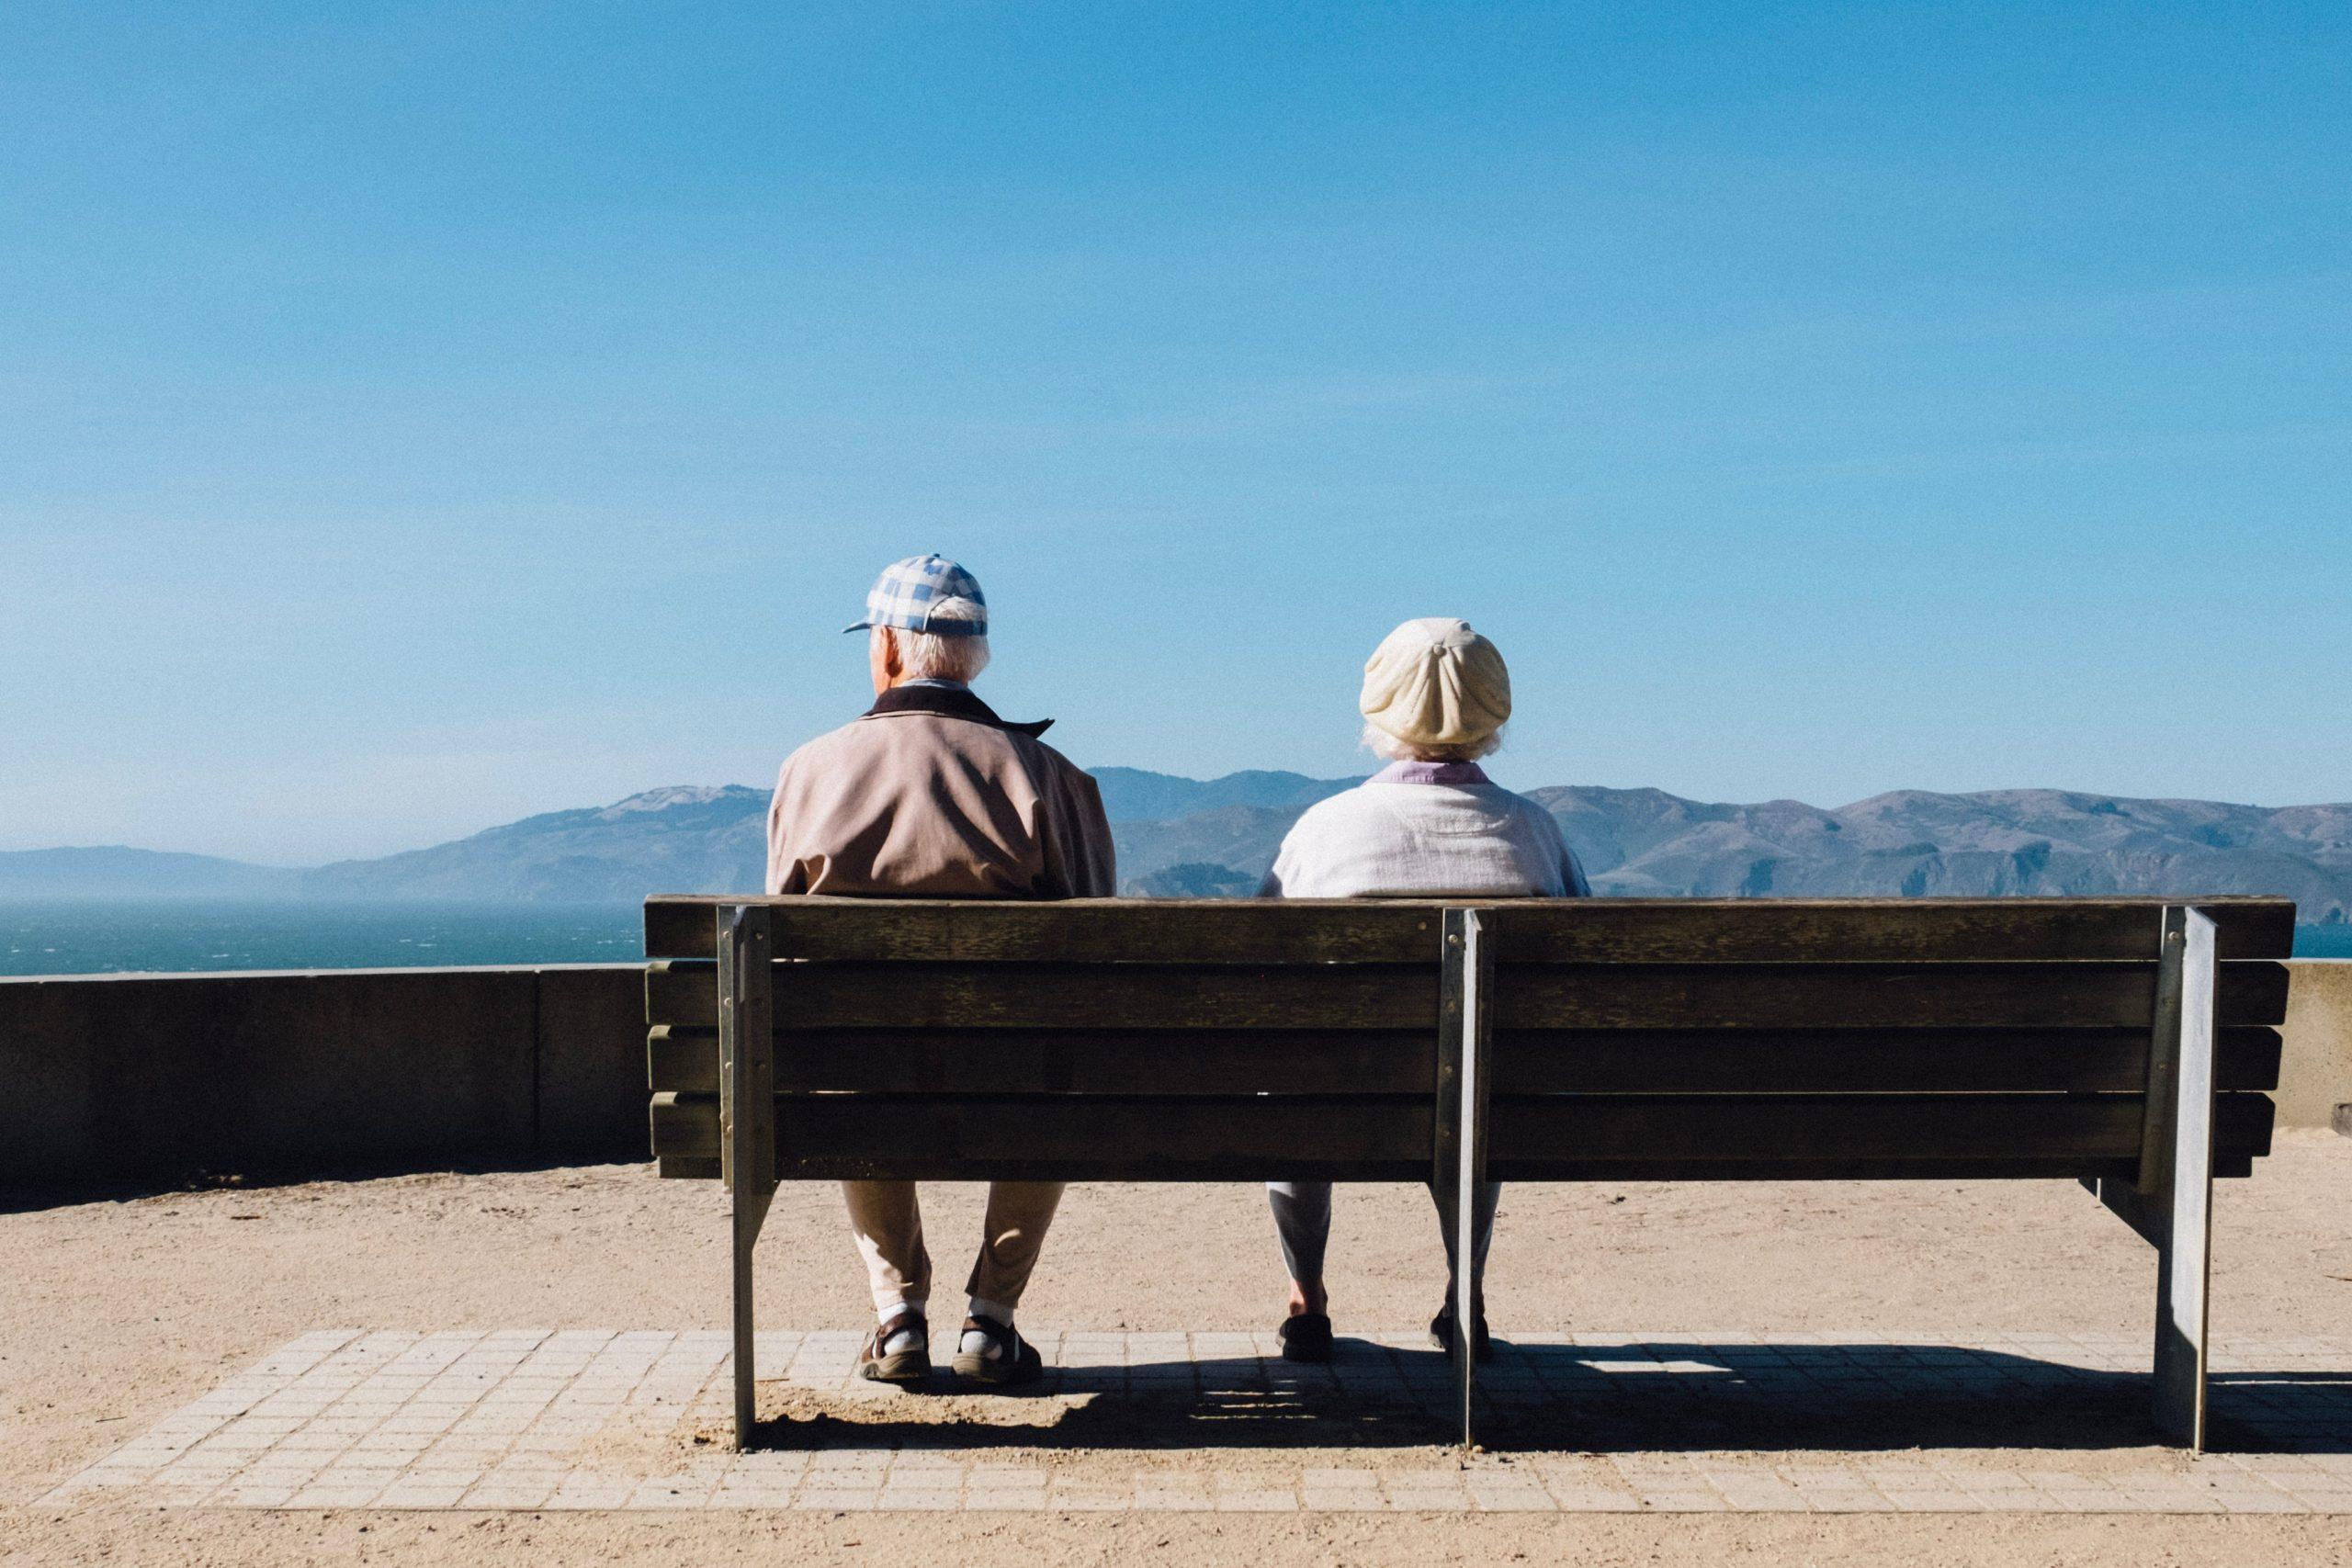 asal de idosos de costas, sentado em um banco